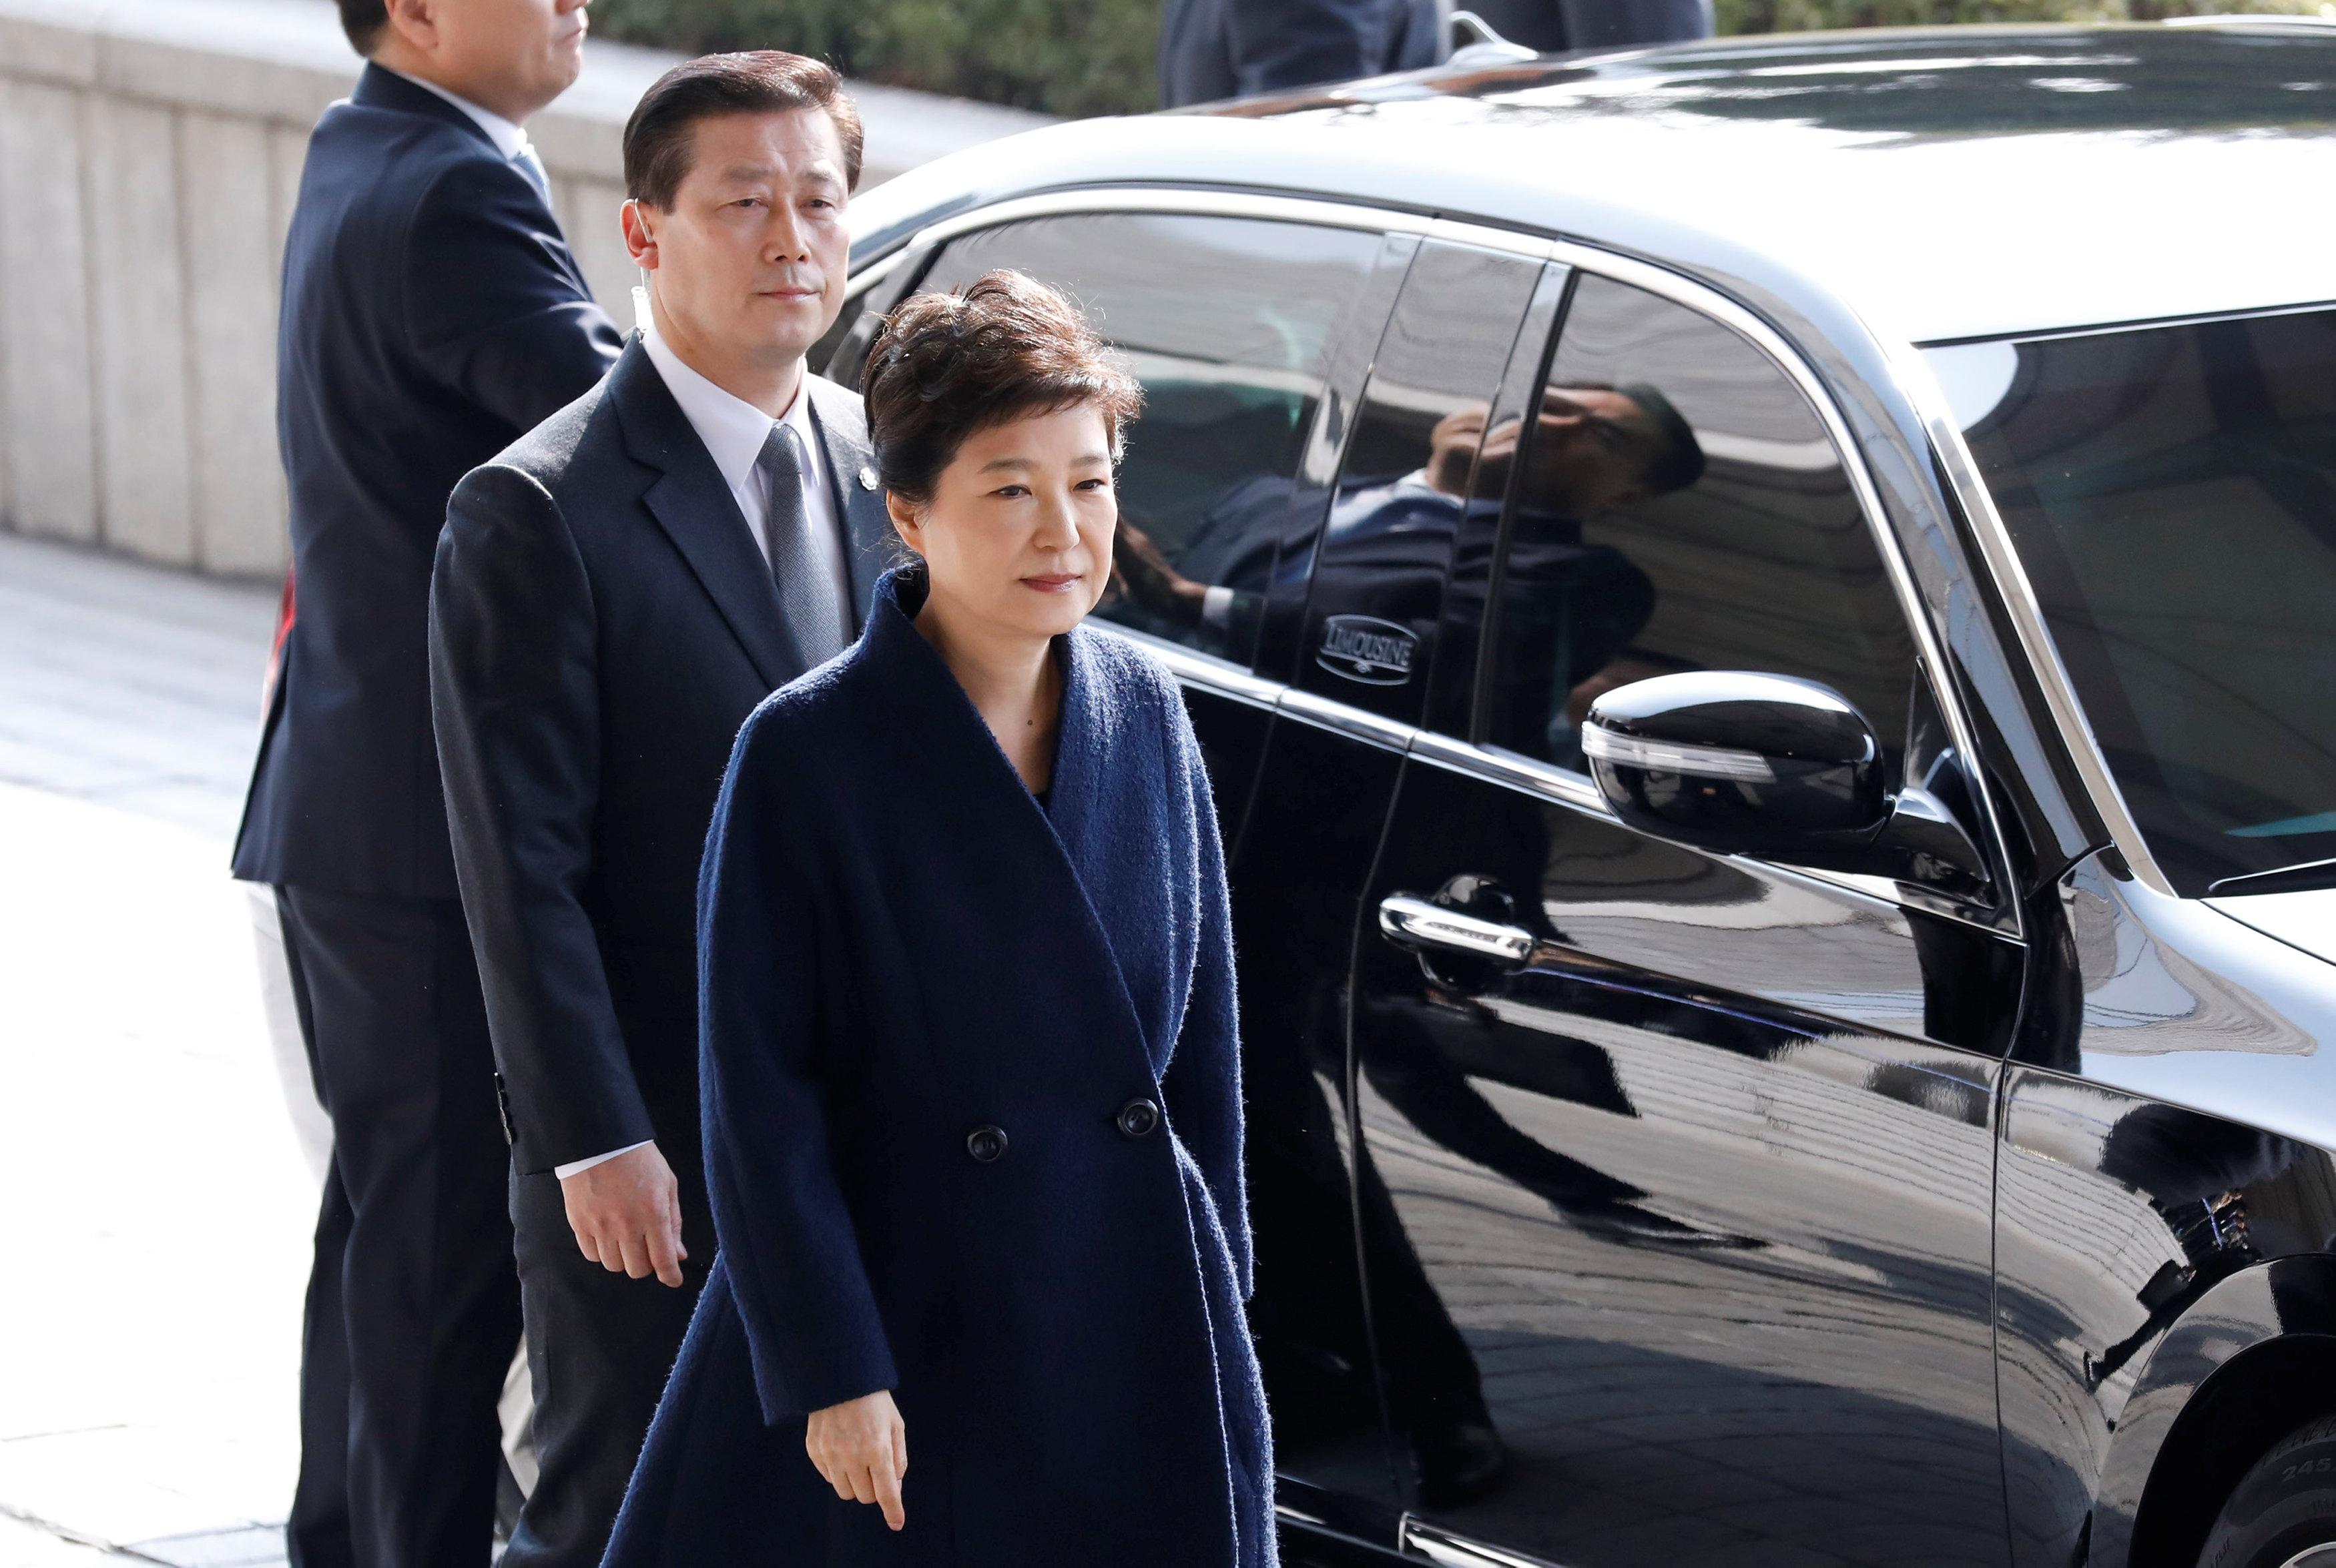 وصول رئيسة كوريا الجنوبية باك جون هاى لمكتب ممثل الإدعاء